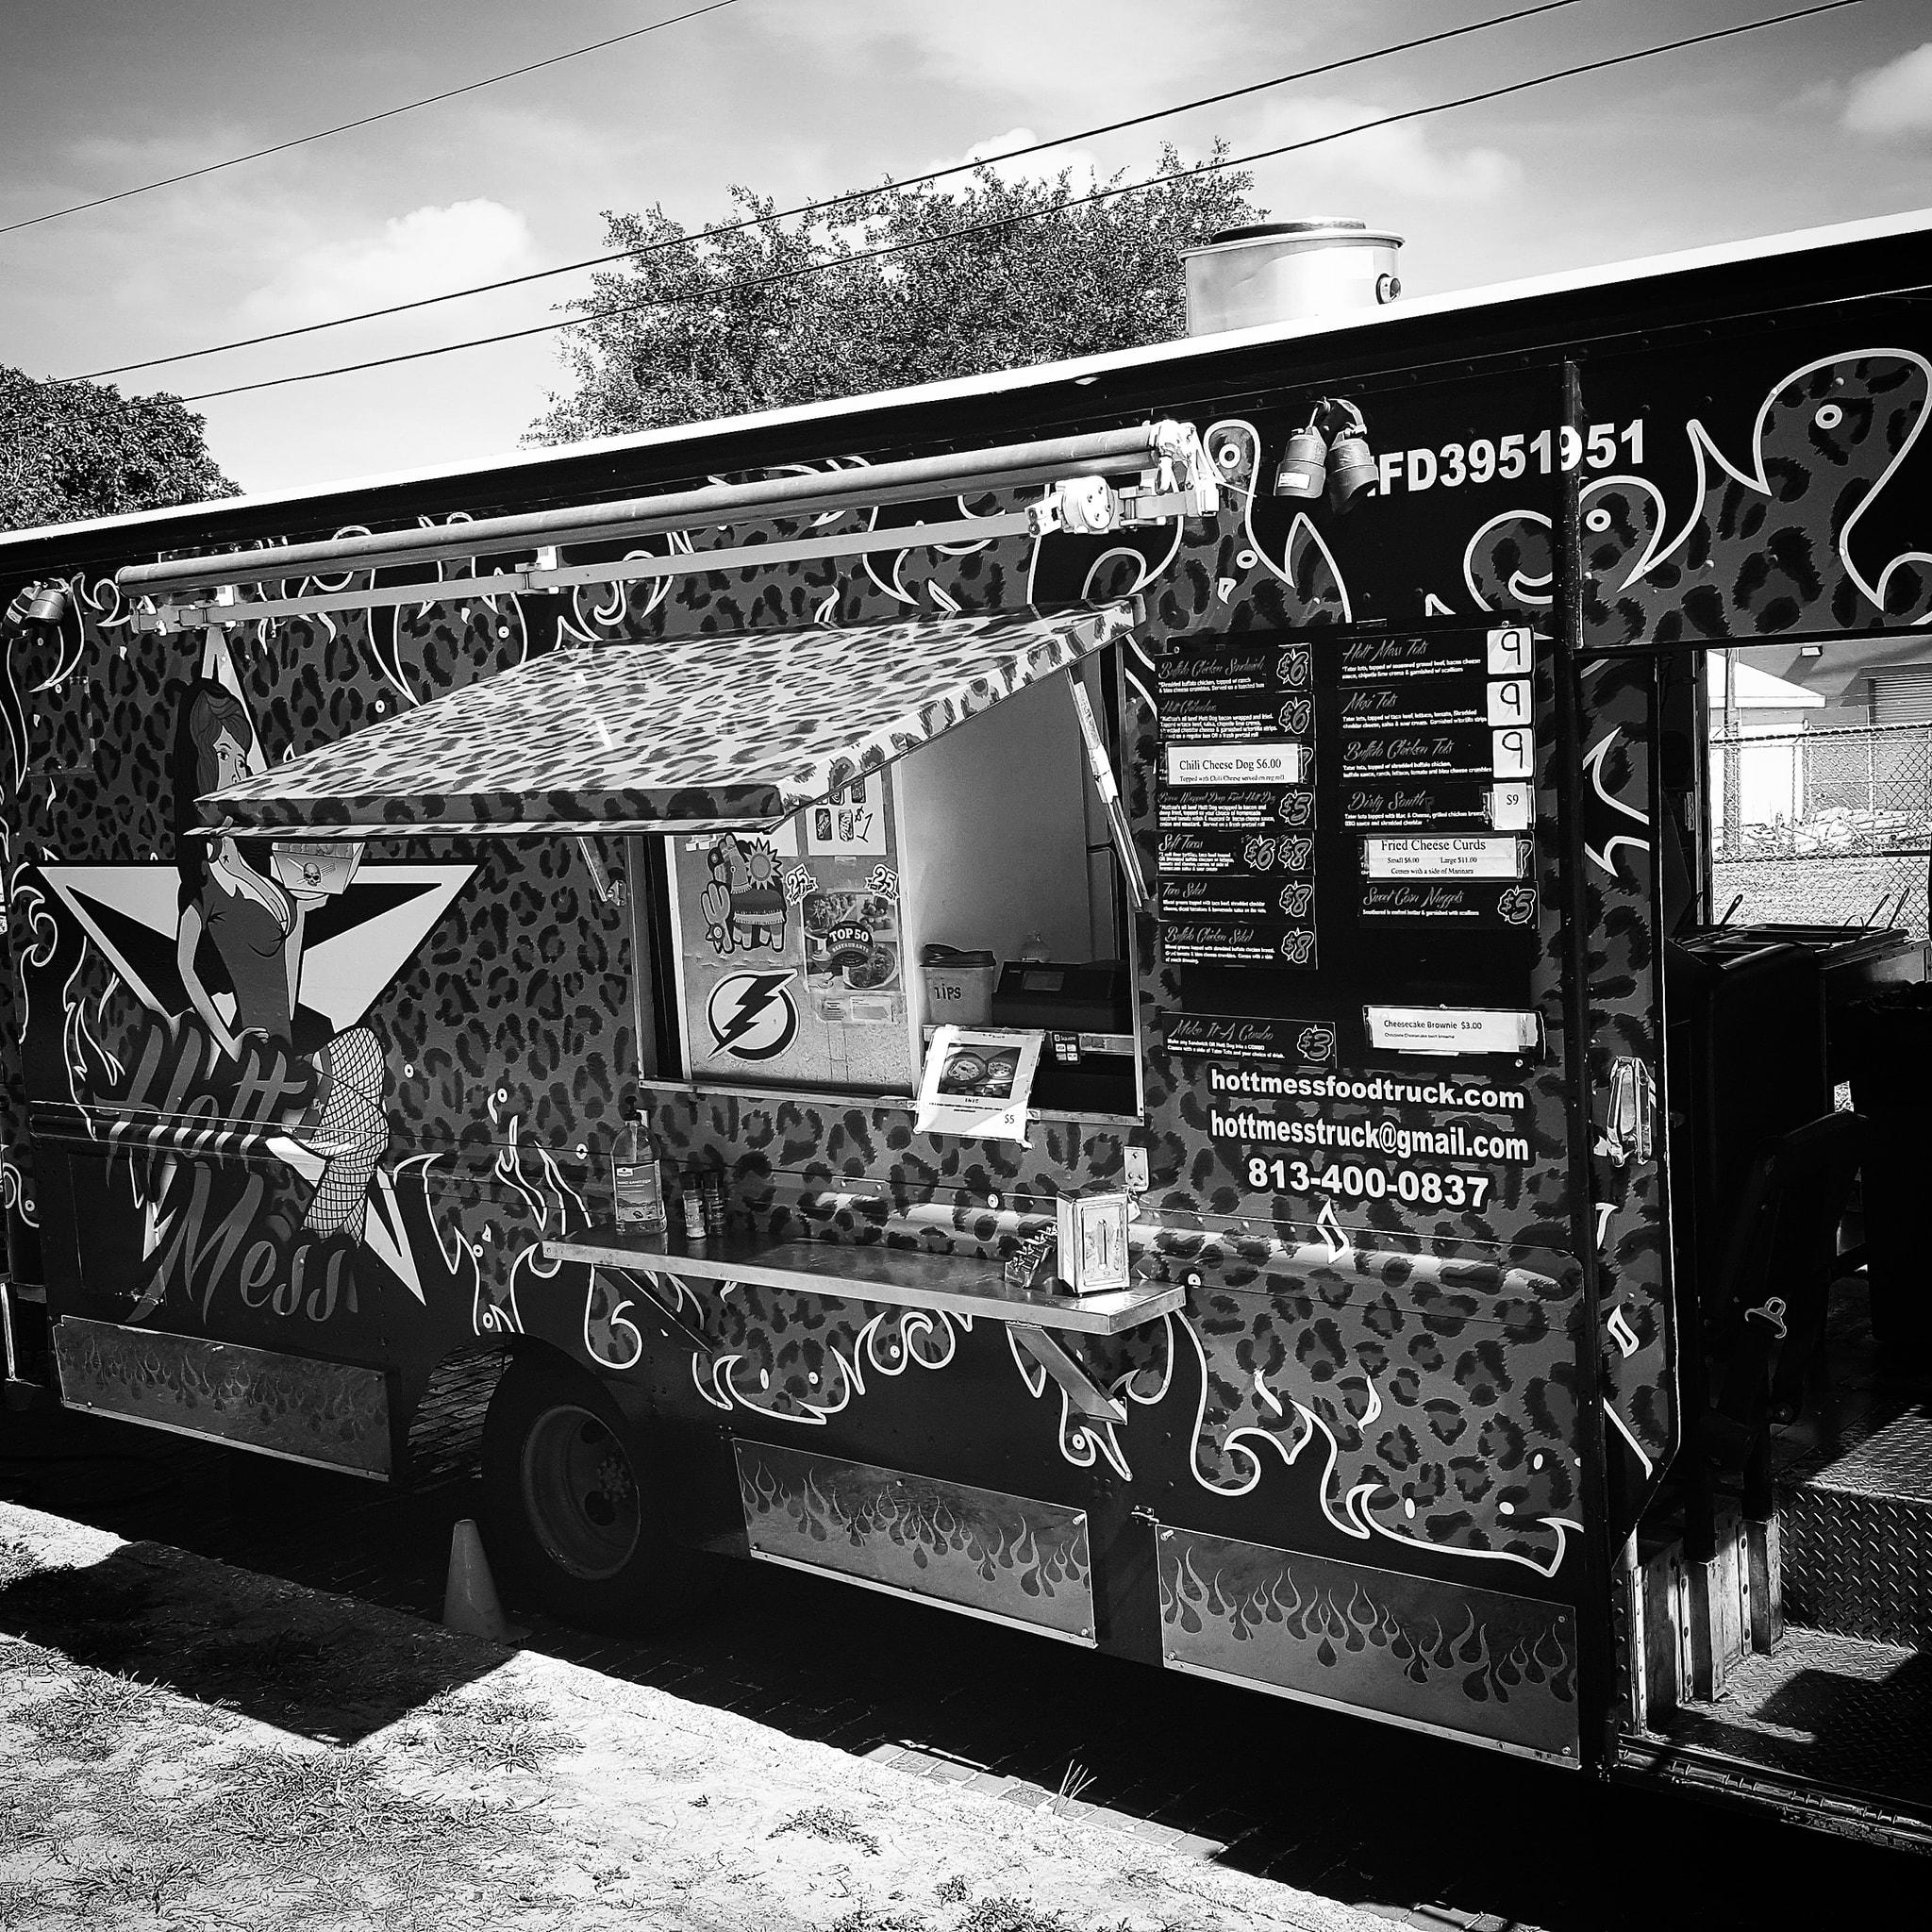 Hott Mess Food Truck